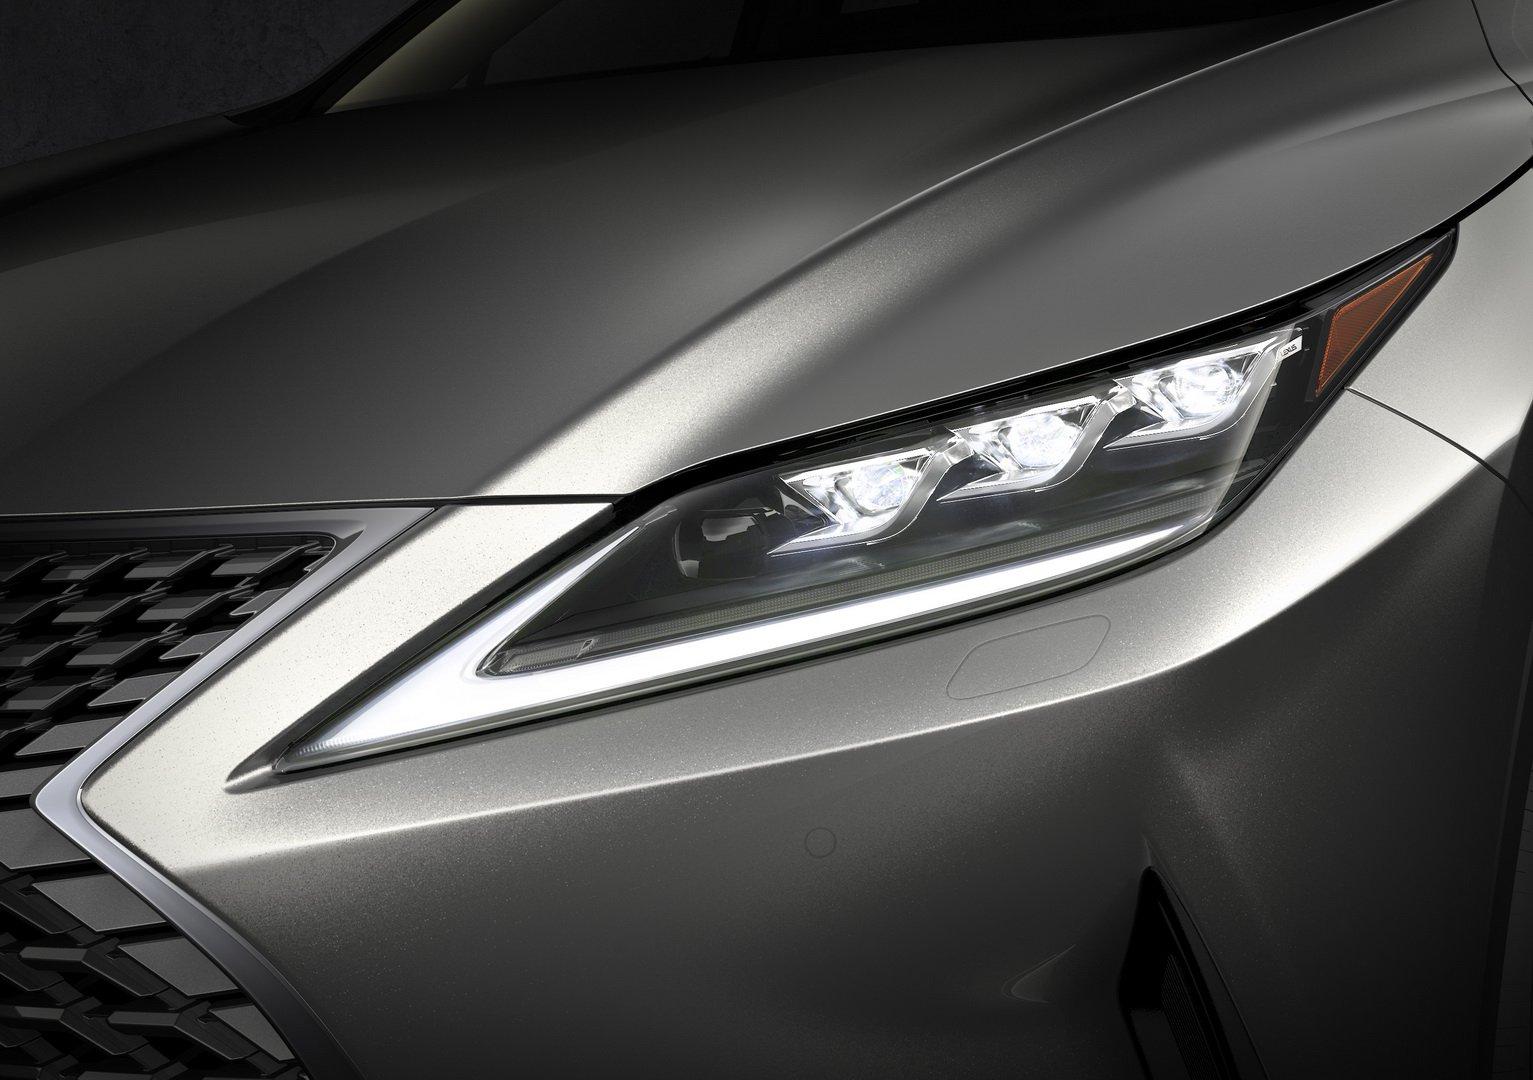 Hệ thống đèn pha LED siêu tân tiến sắp xuất hiện trên Lexus RX